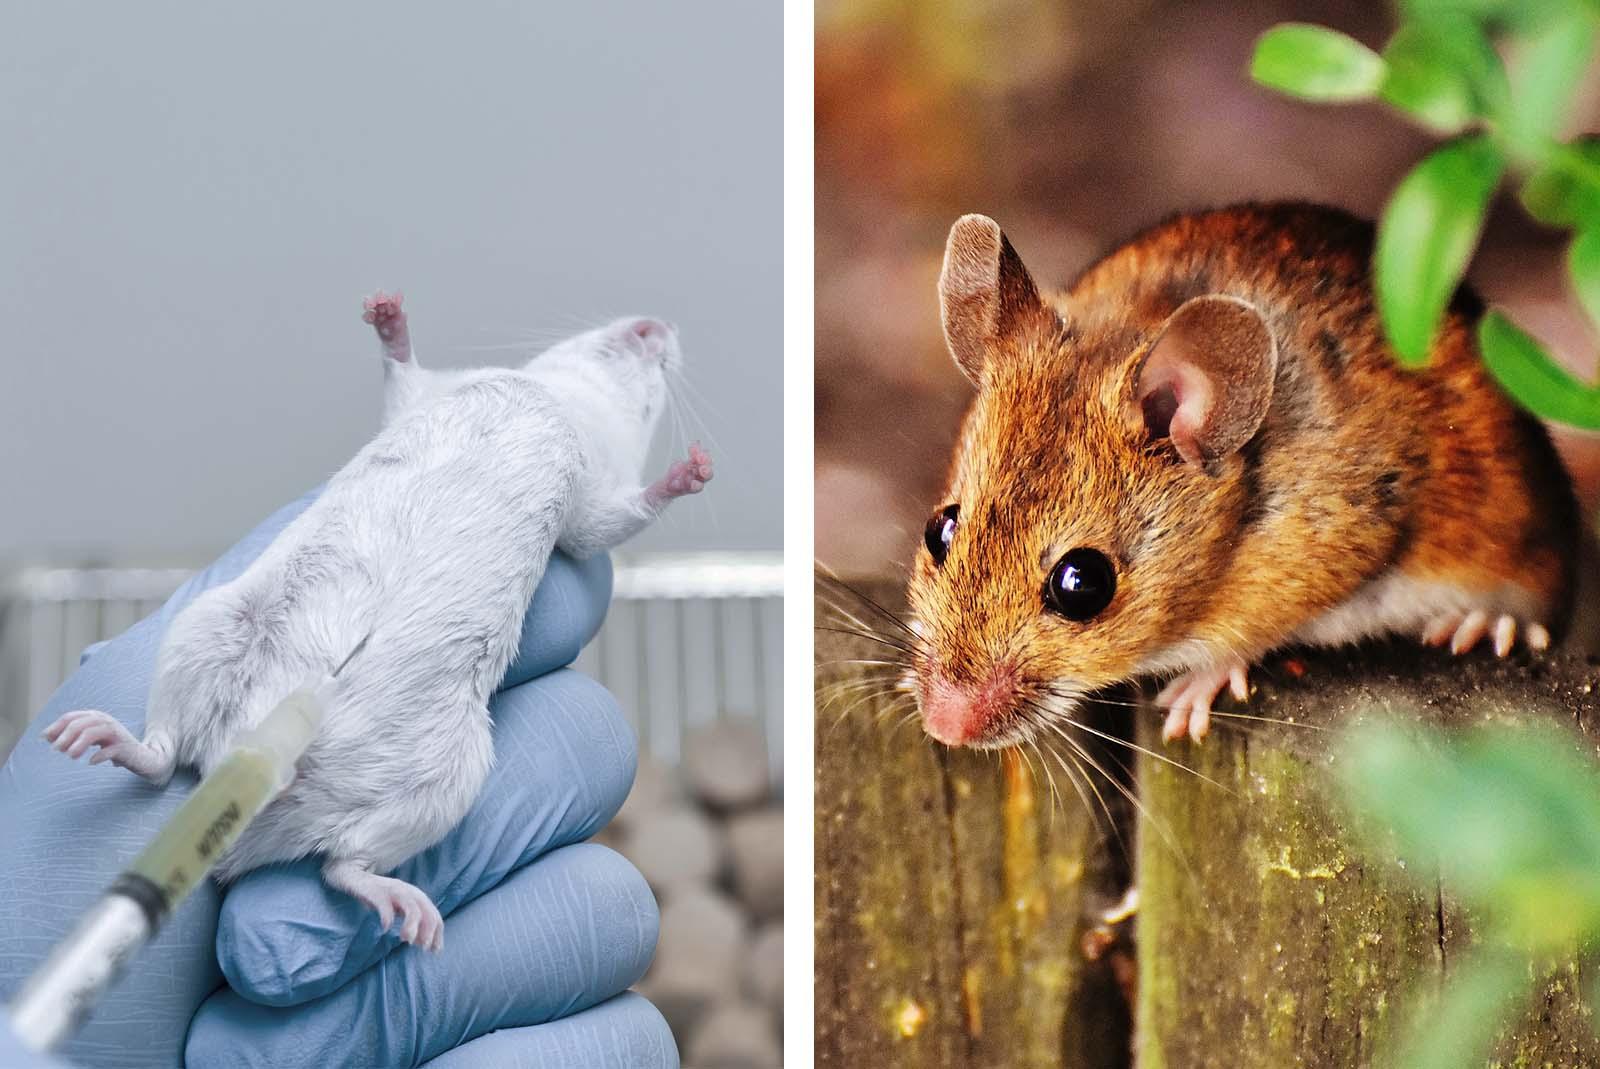 Tierversuche und Ethik: Tiermissbrauch ist moralisch nie vertretbar